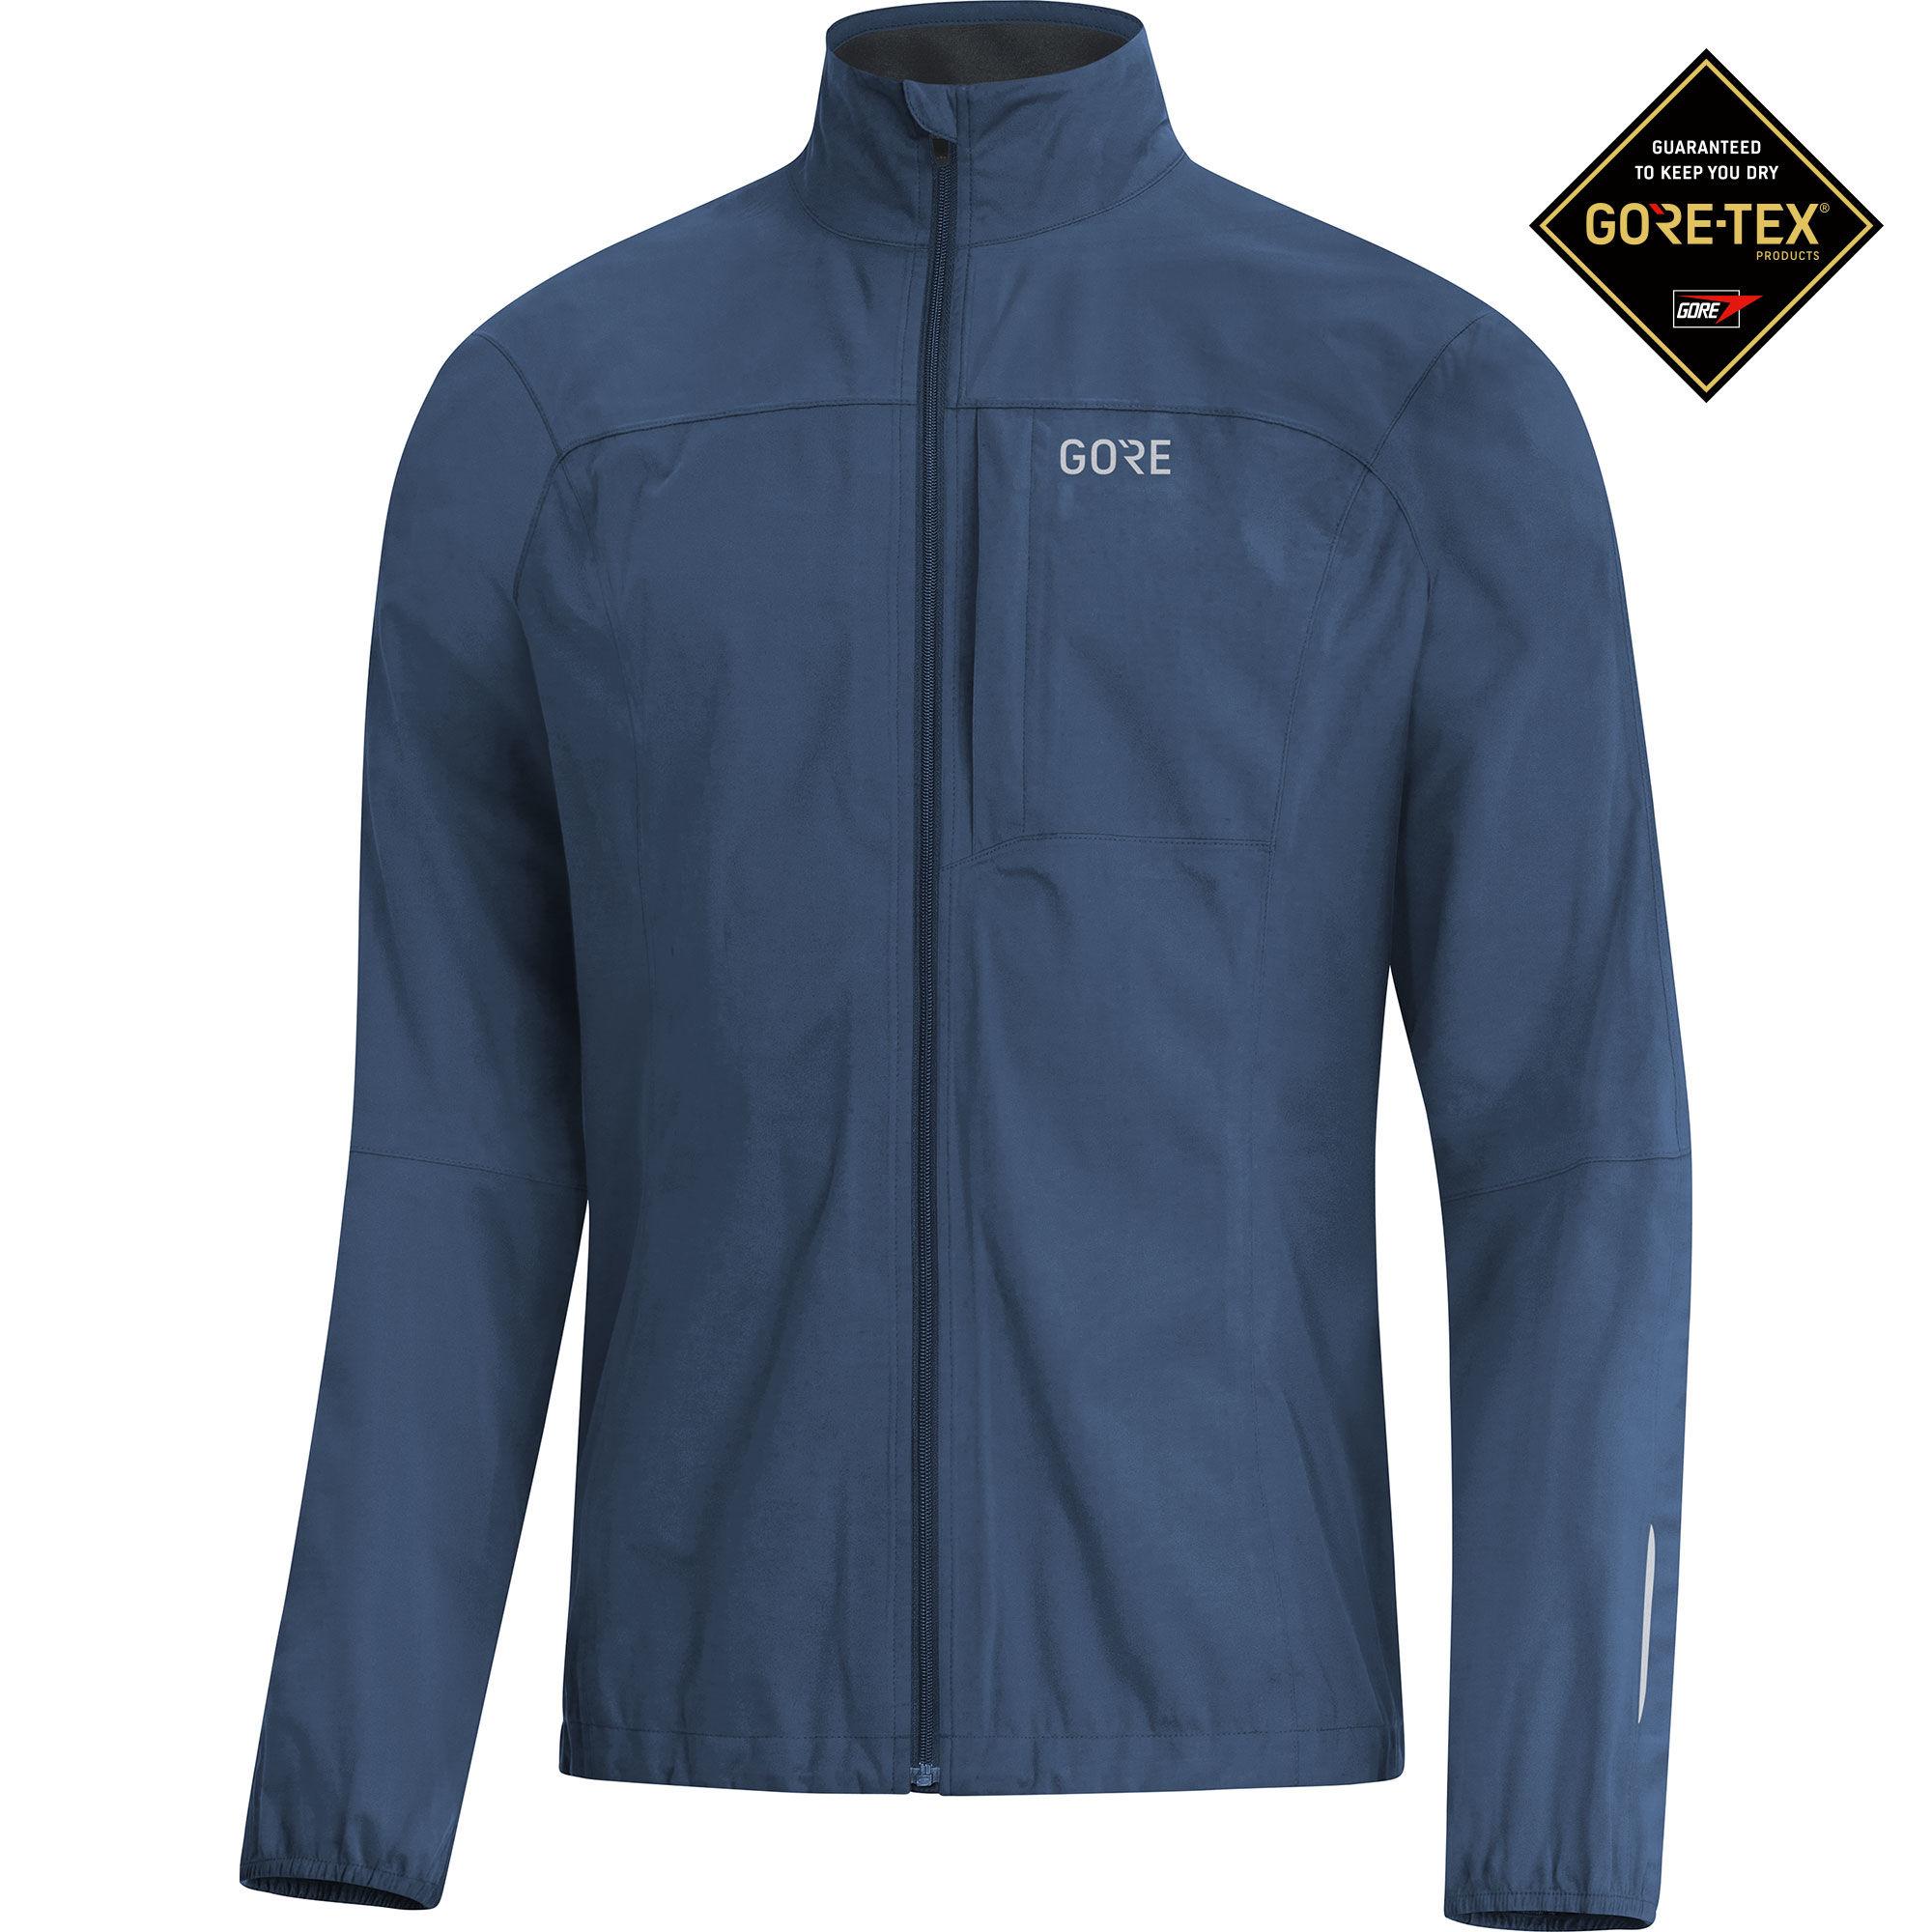 Gore R3 GTX Active Jacke (Blau)